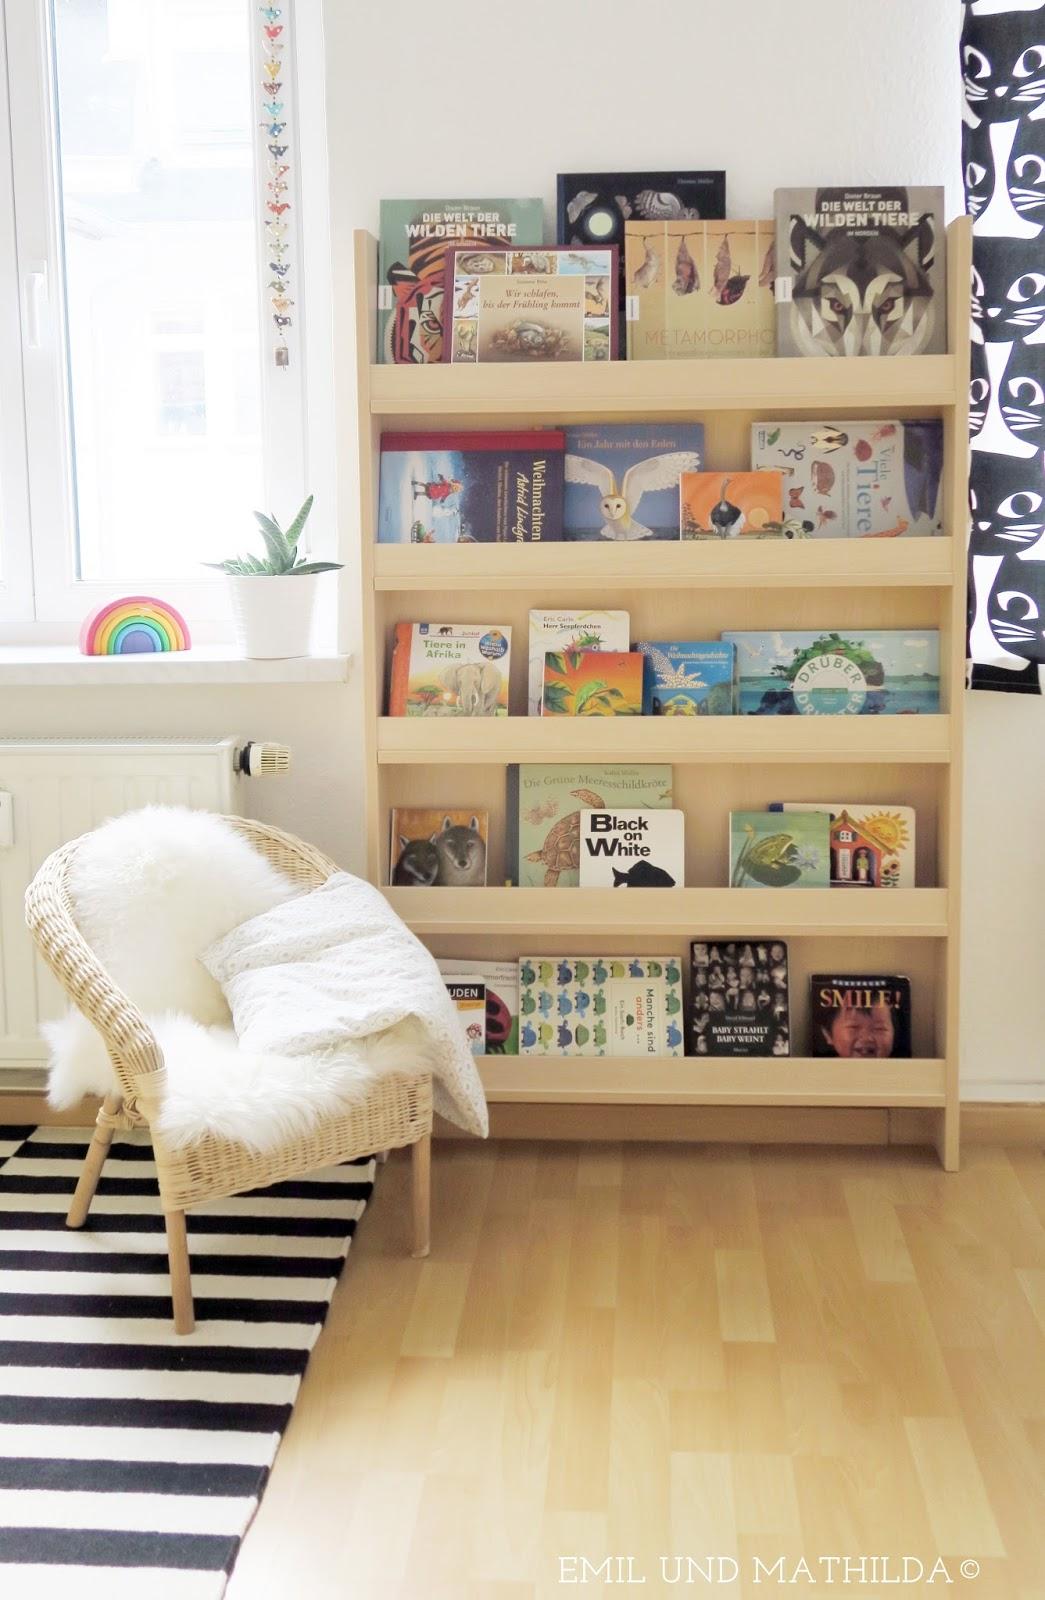 Full Size of Emil Und Mathilda Unser Neues Montessori Bcherregal Regale Kinderzimmer Regal Sofa Weiß Kinderzimmer Kinderzimmer Bücherregal